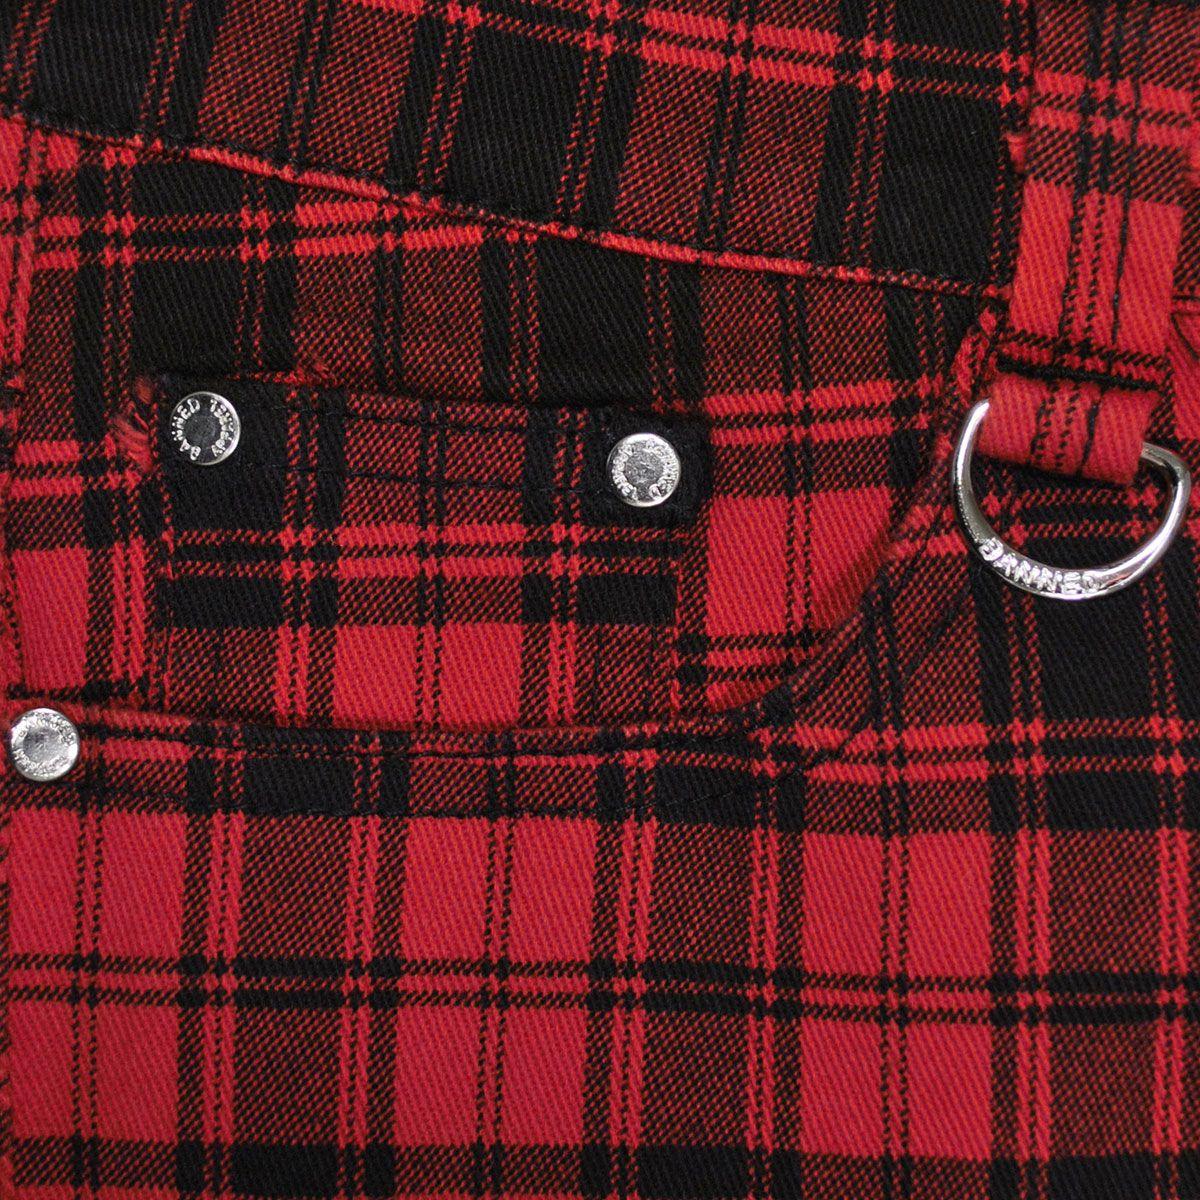 pantalon femme banned grunge red tartan pantalons rock a gogo. Black Bedroom Furniture Sets. Home Design Ideas